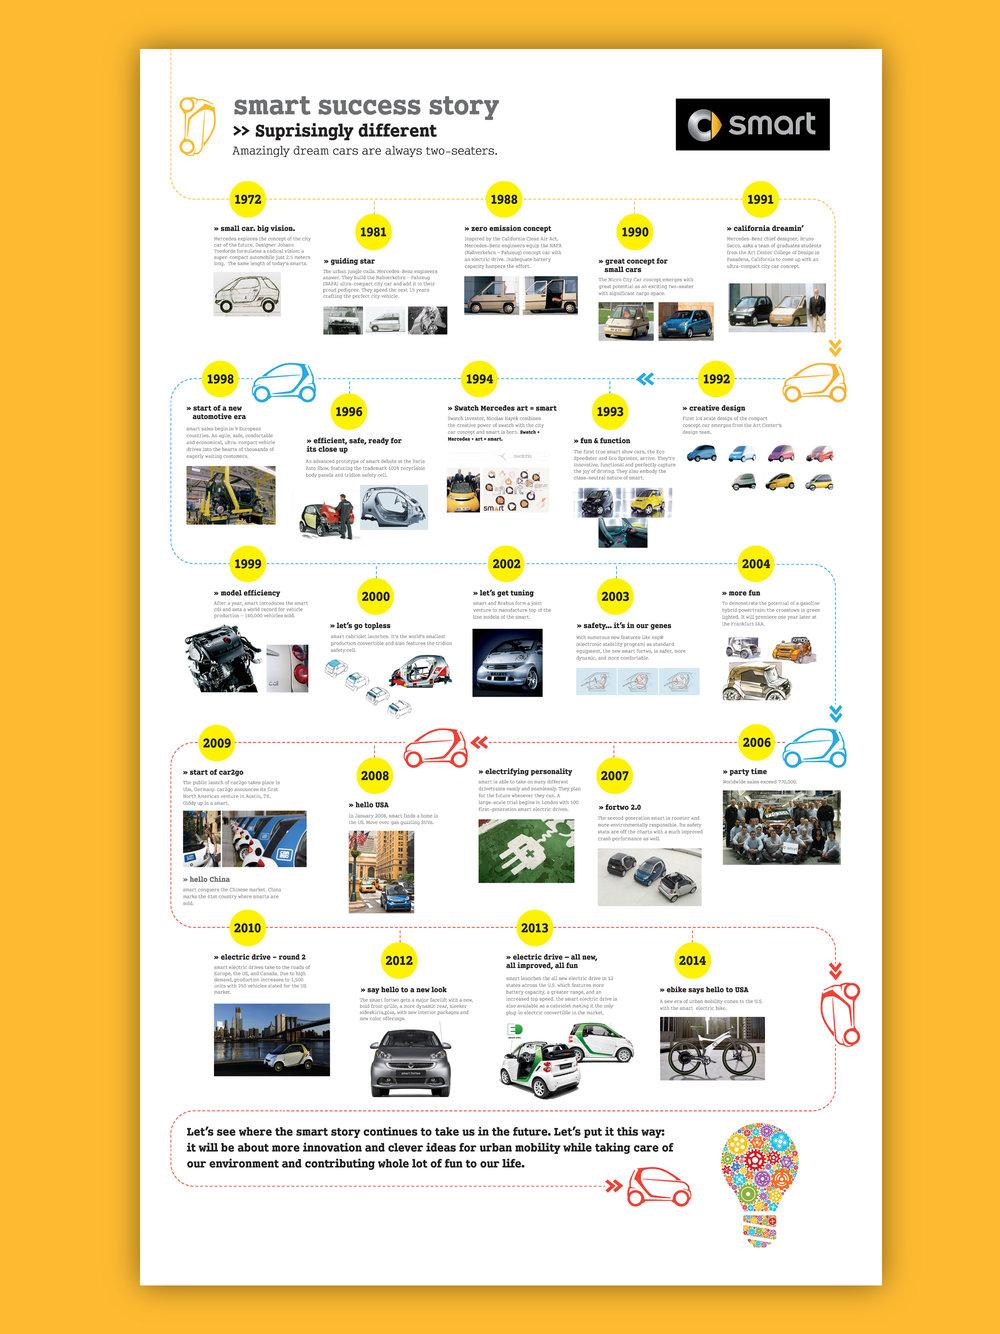 elkins_ad_smartcar_timeline.jpg